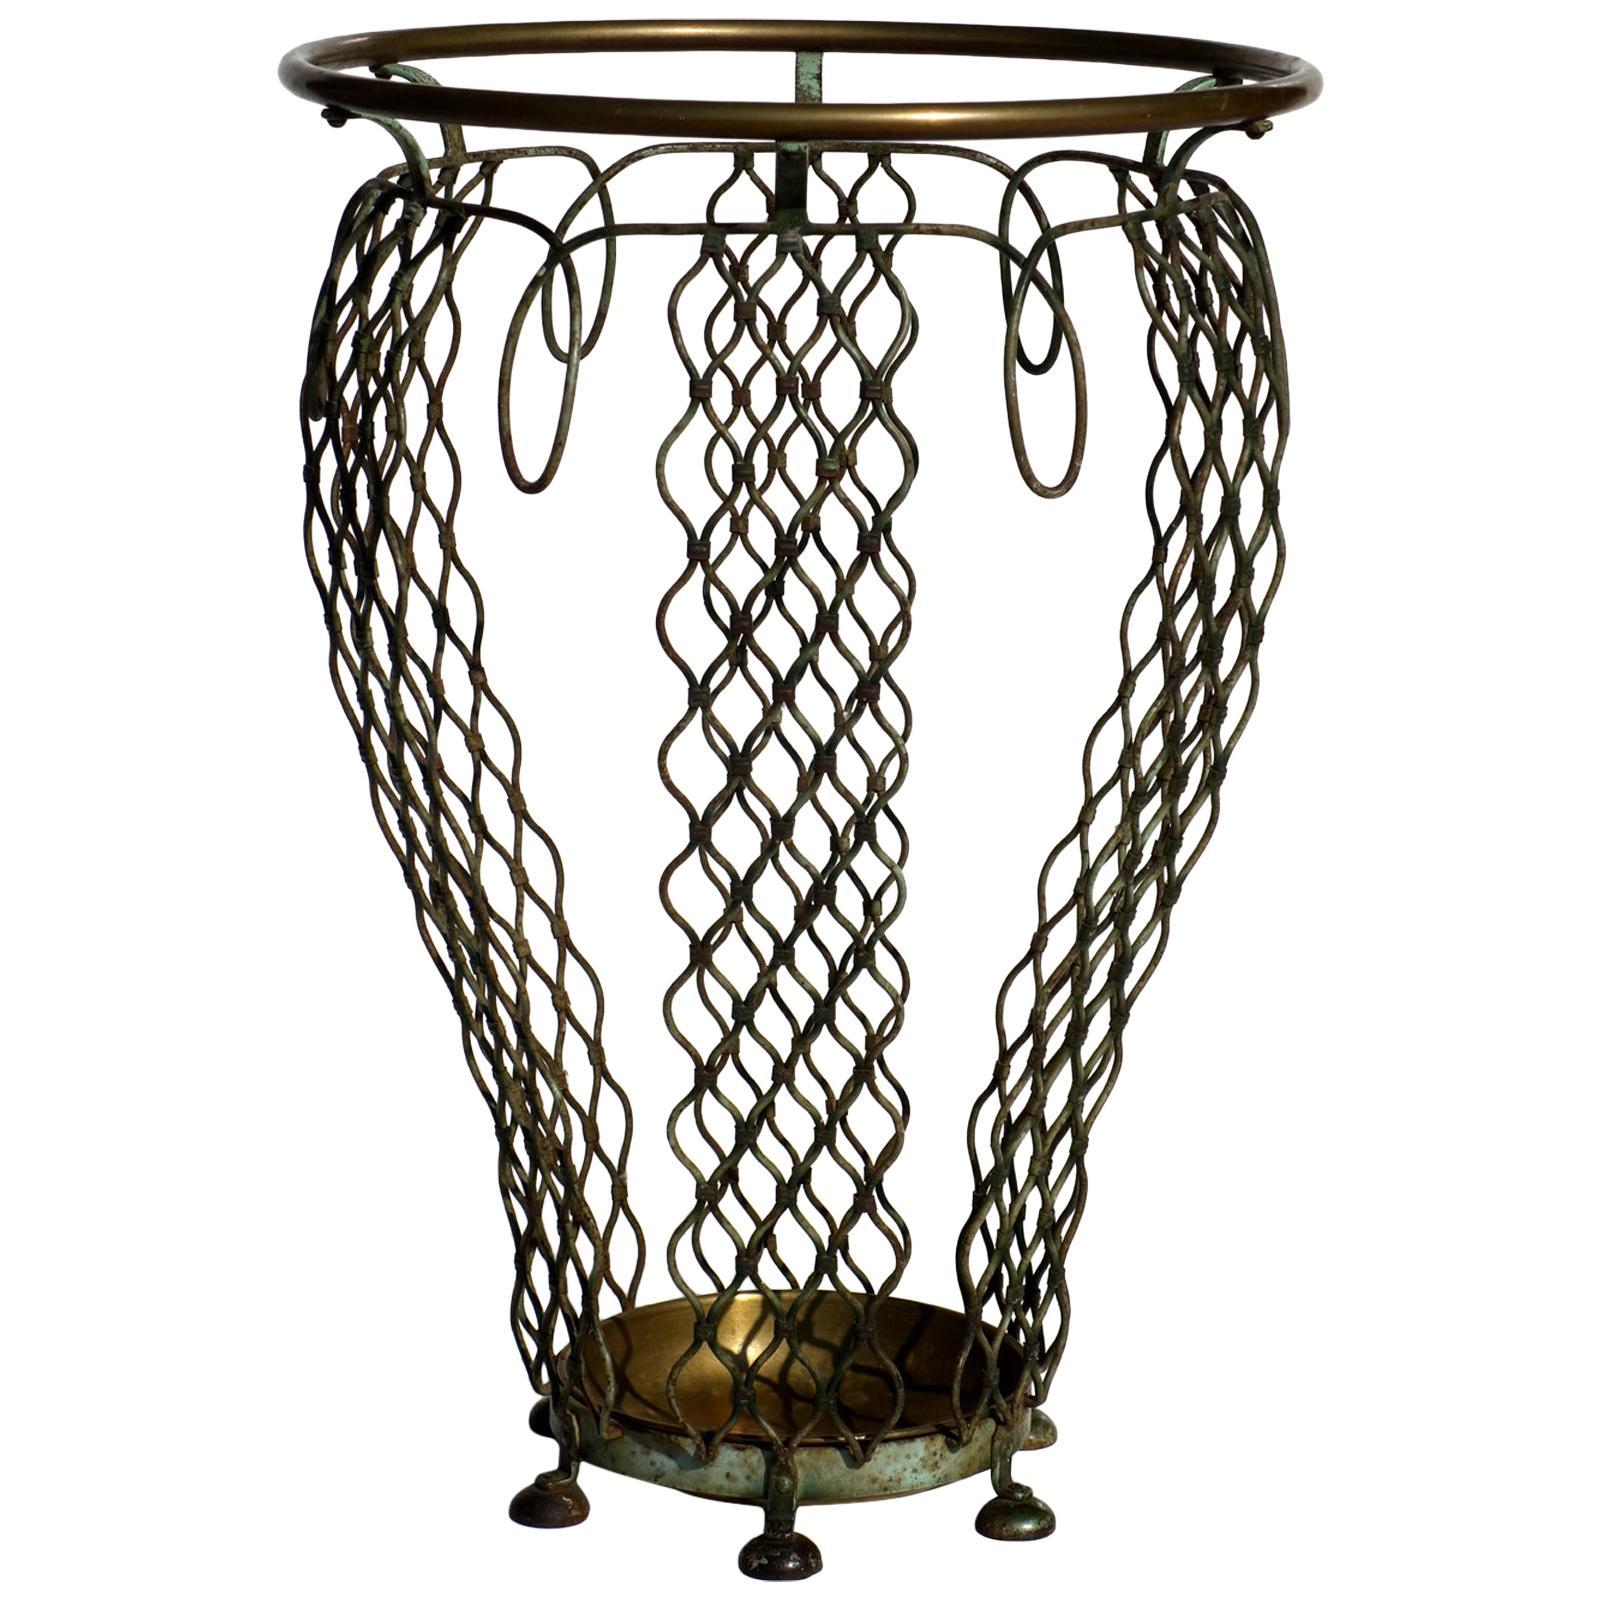 1950s Italian Design Midcentury Umbrella Stand